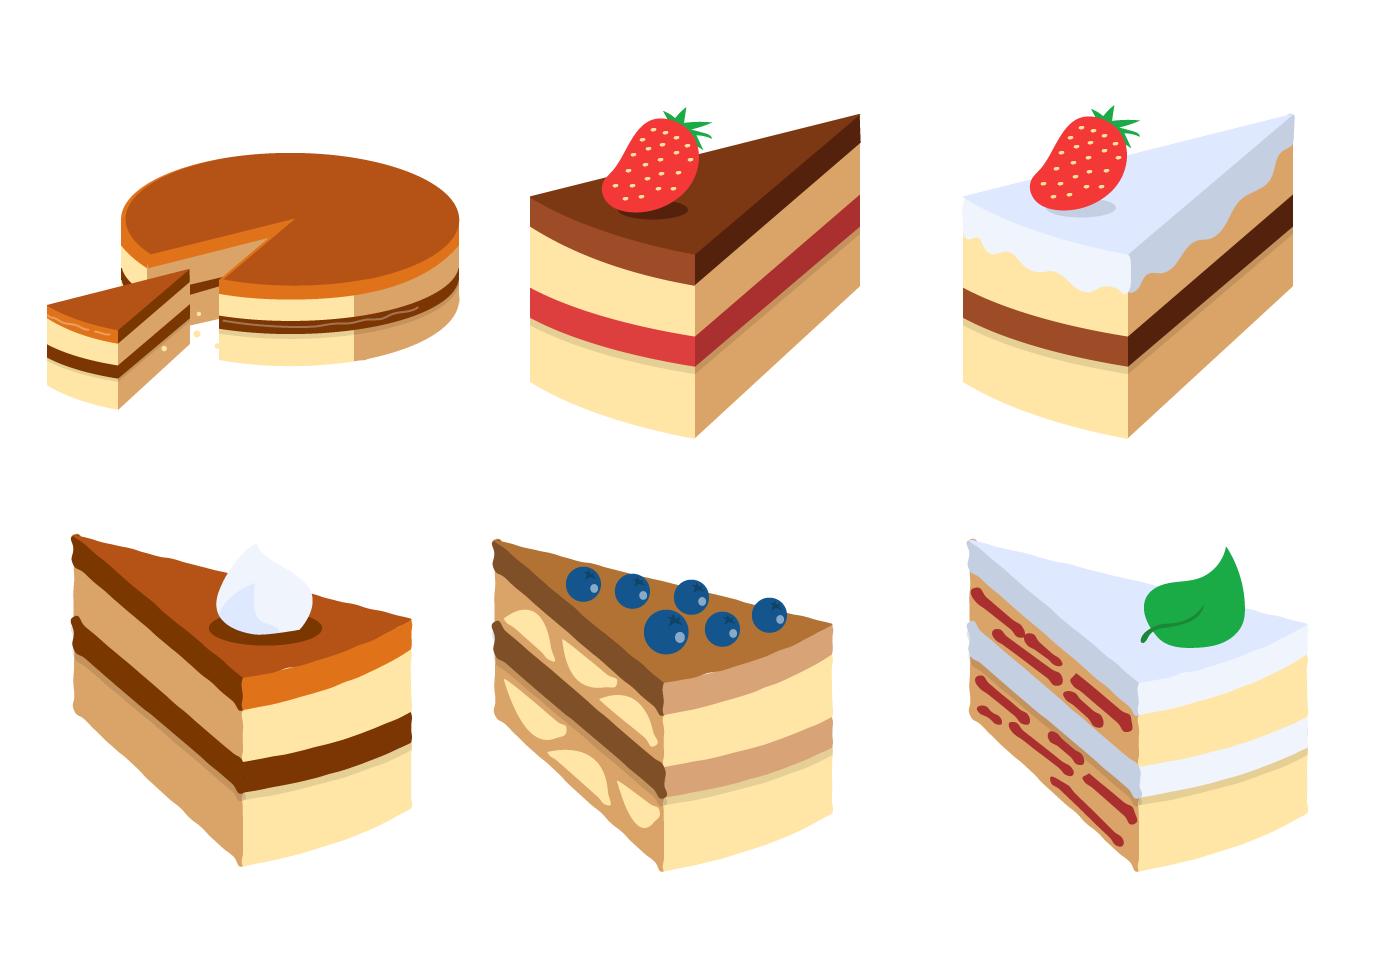 Cake Slice Vector Set - Download Free Vector Art, Stock ...